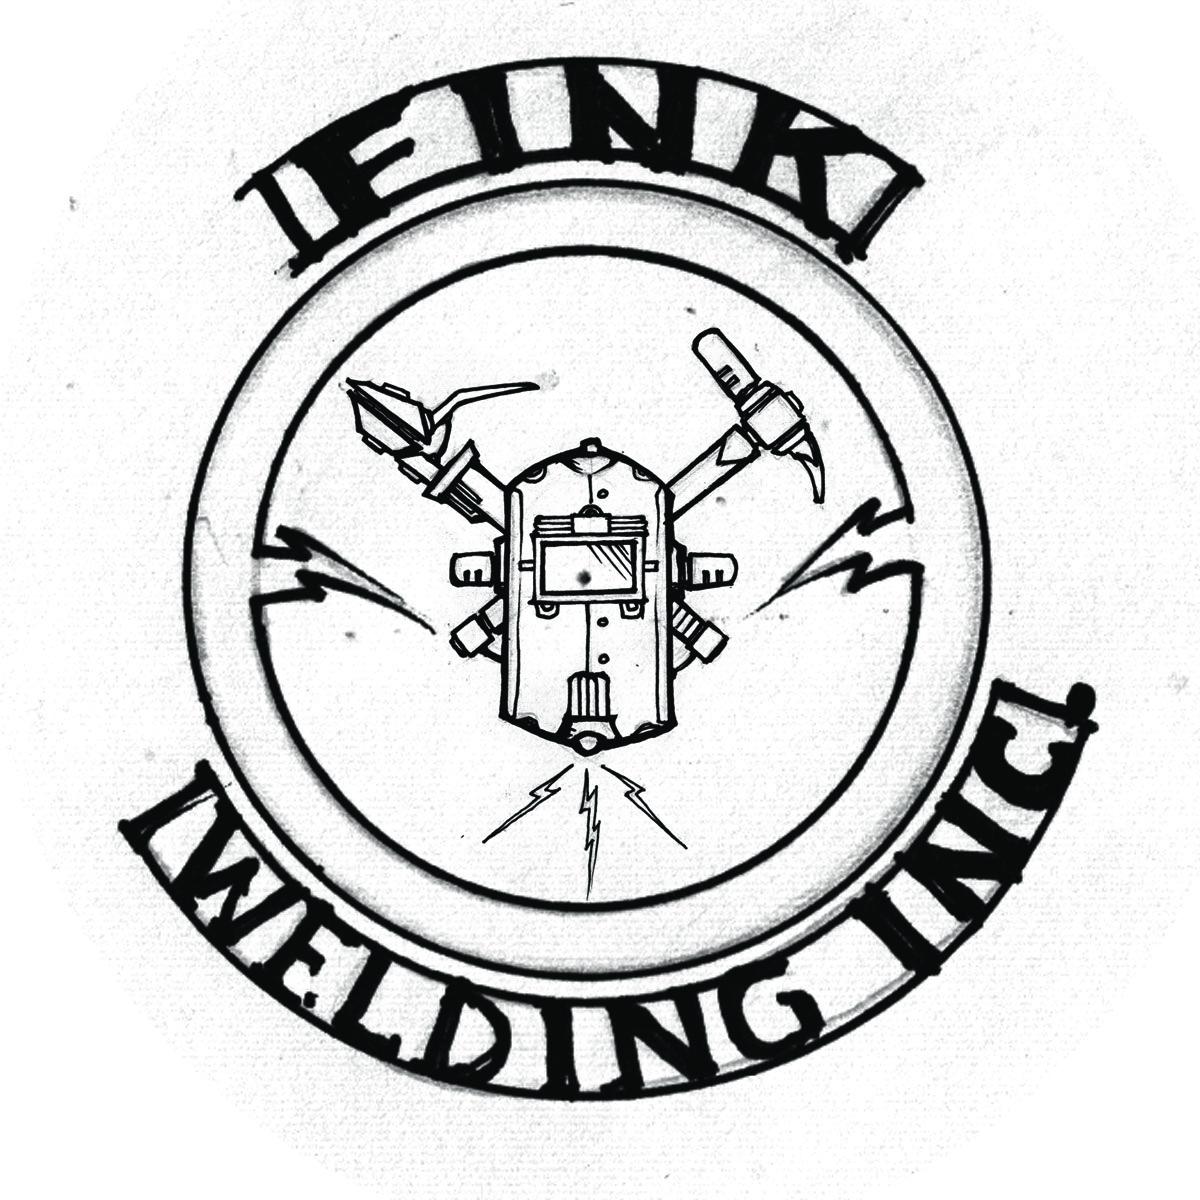 Welder clipart arc welding Welder image information Fotos Welding